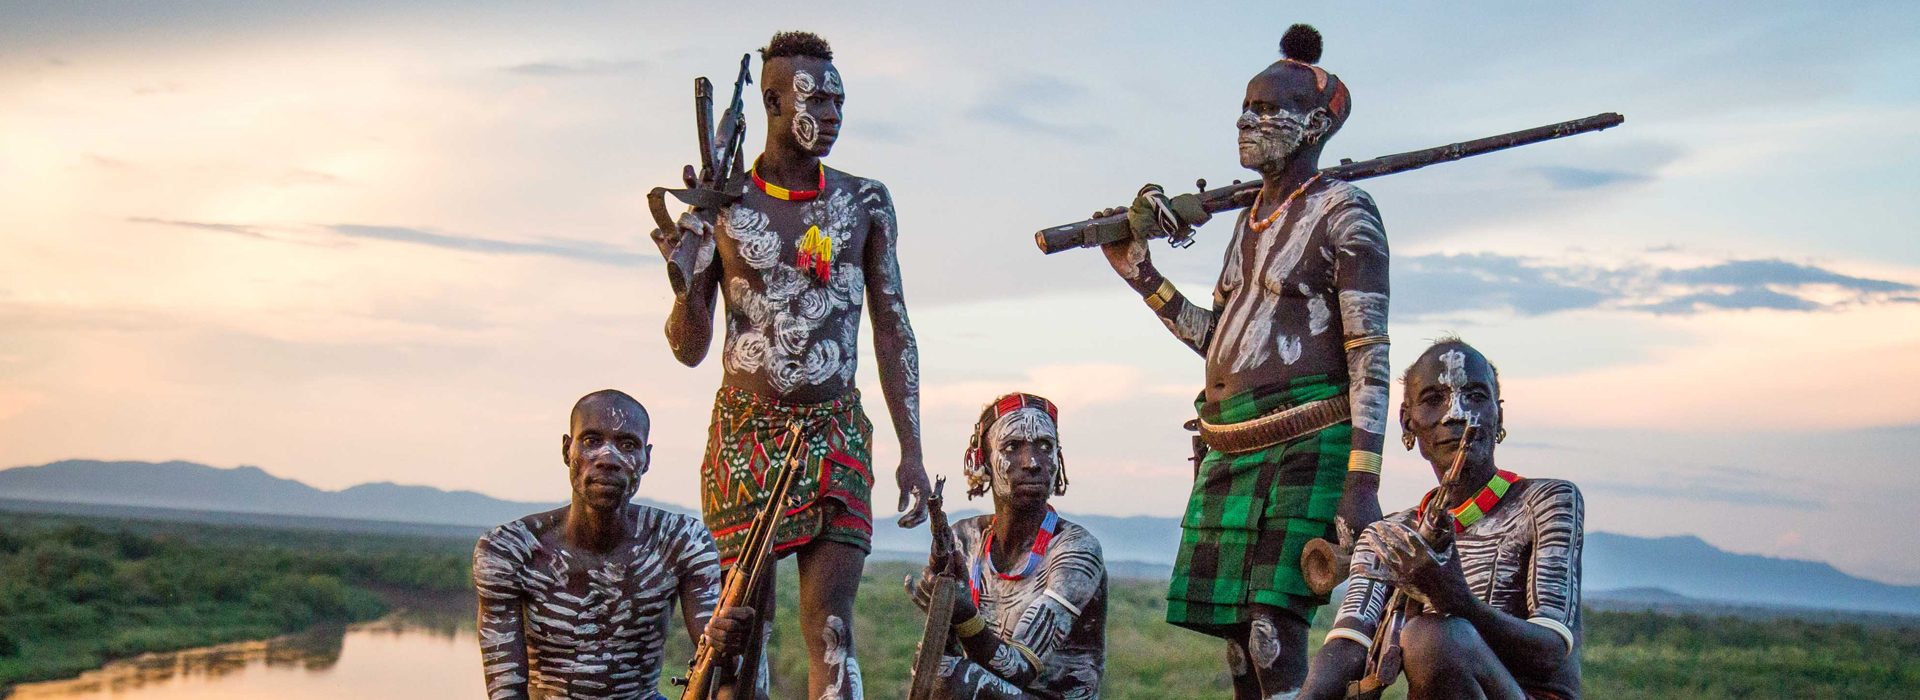 5 Days Ethiopia Cultural Tour